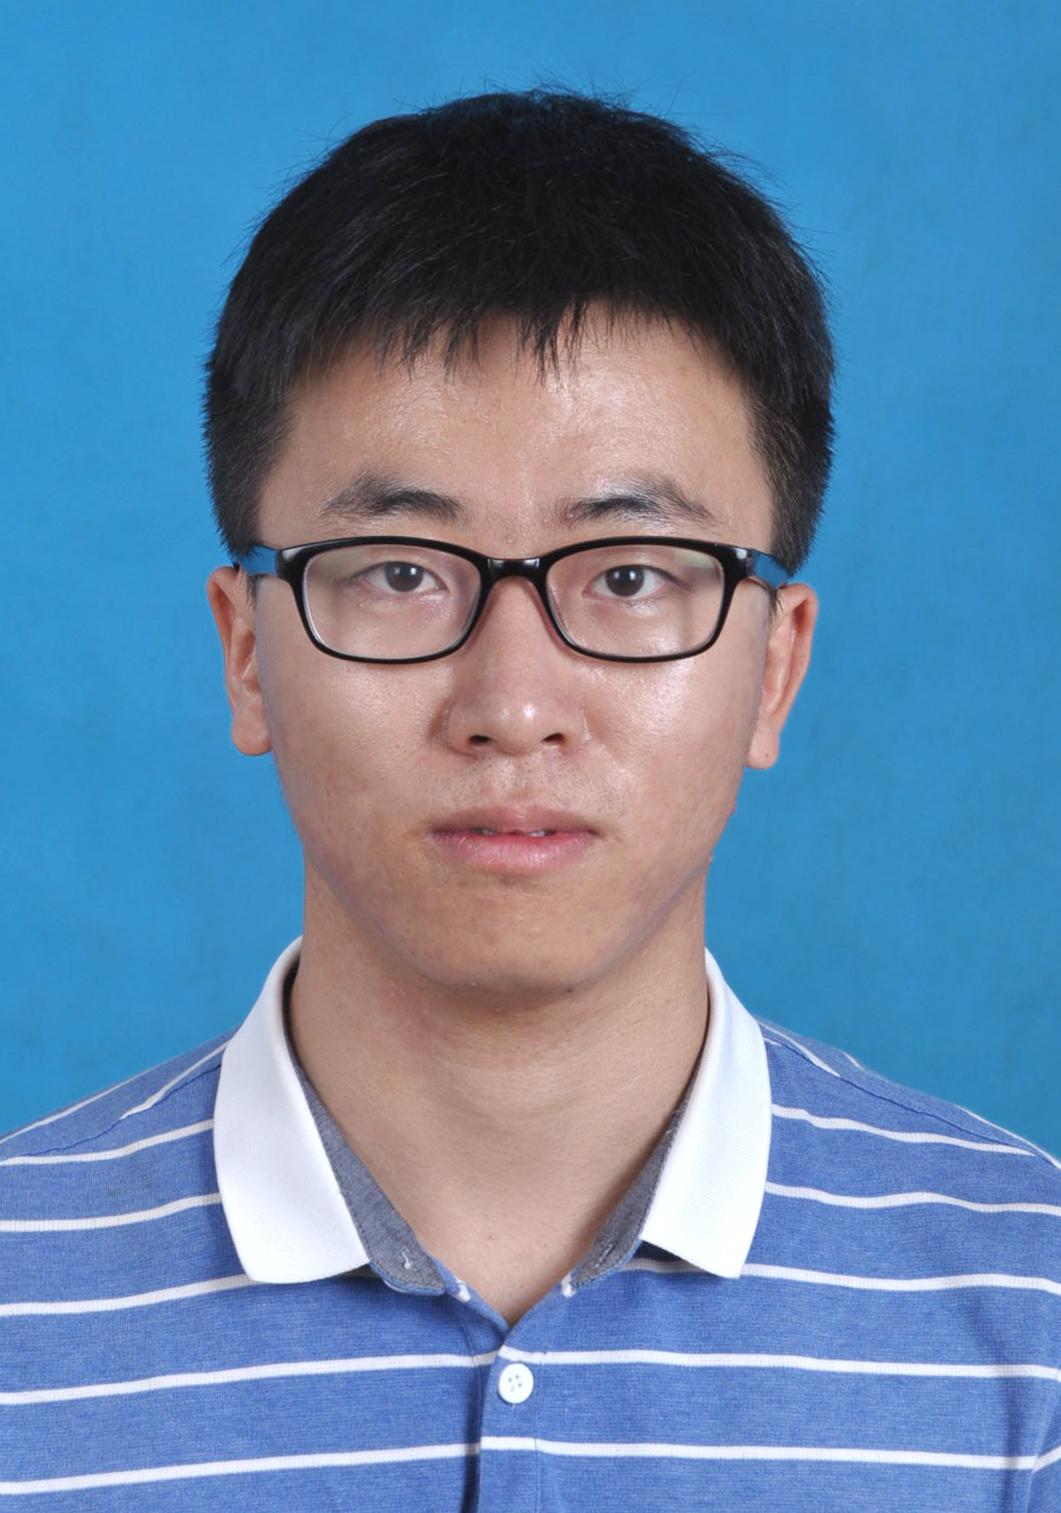 兰州家教韩教员